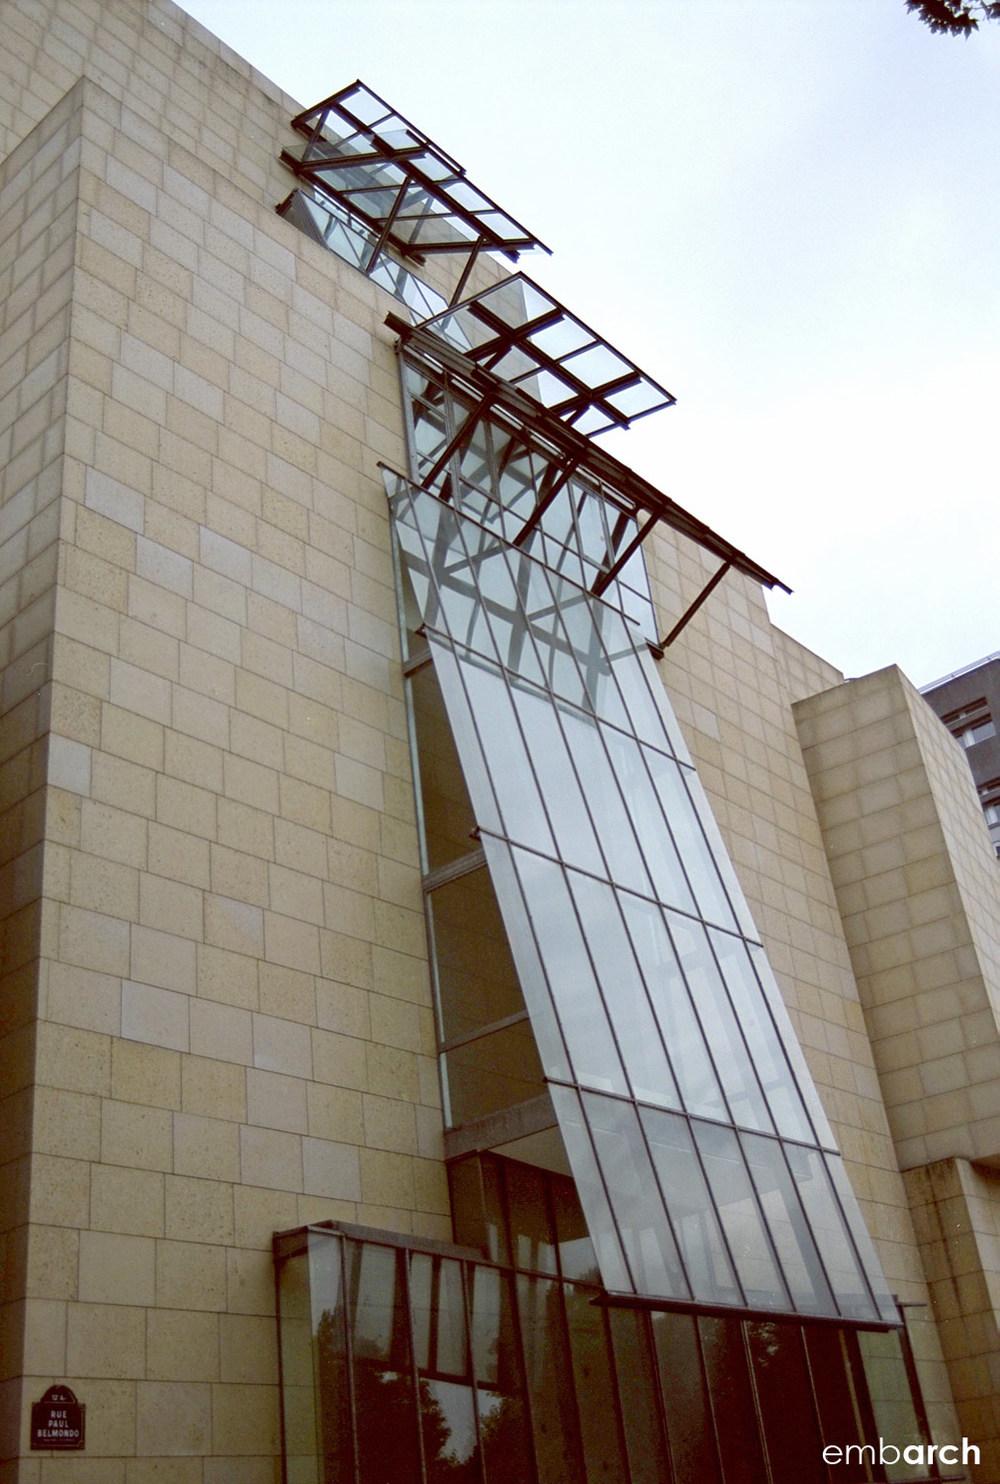 Cinémathèque Française - exterior detail